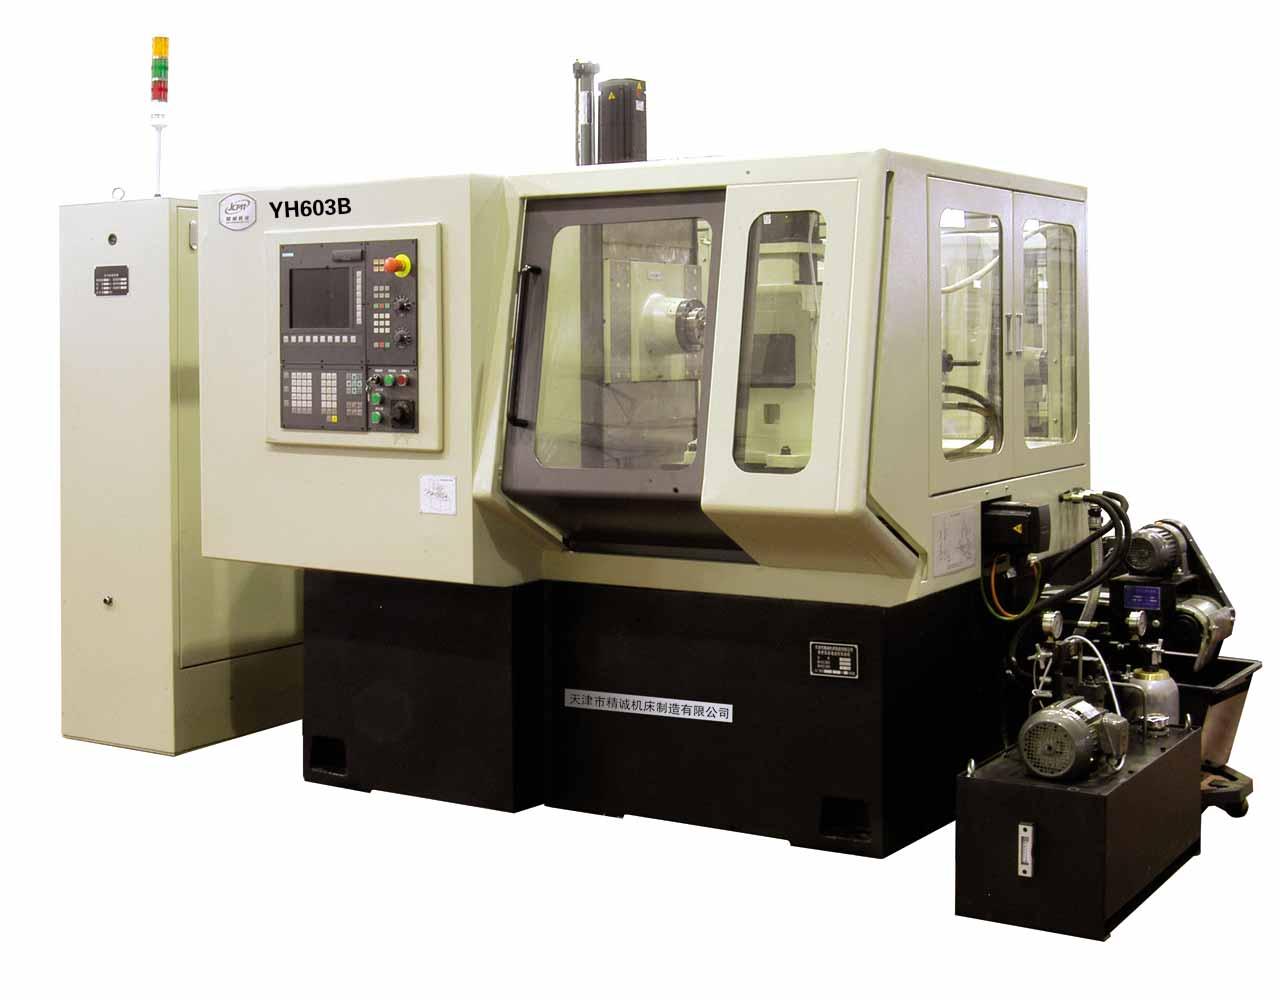 YH603B、YH603G 数控弧齿锥齿轮铣齿机